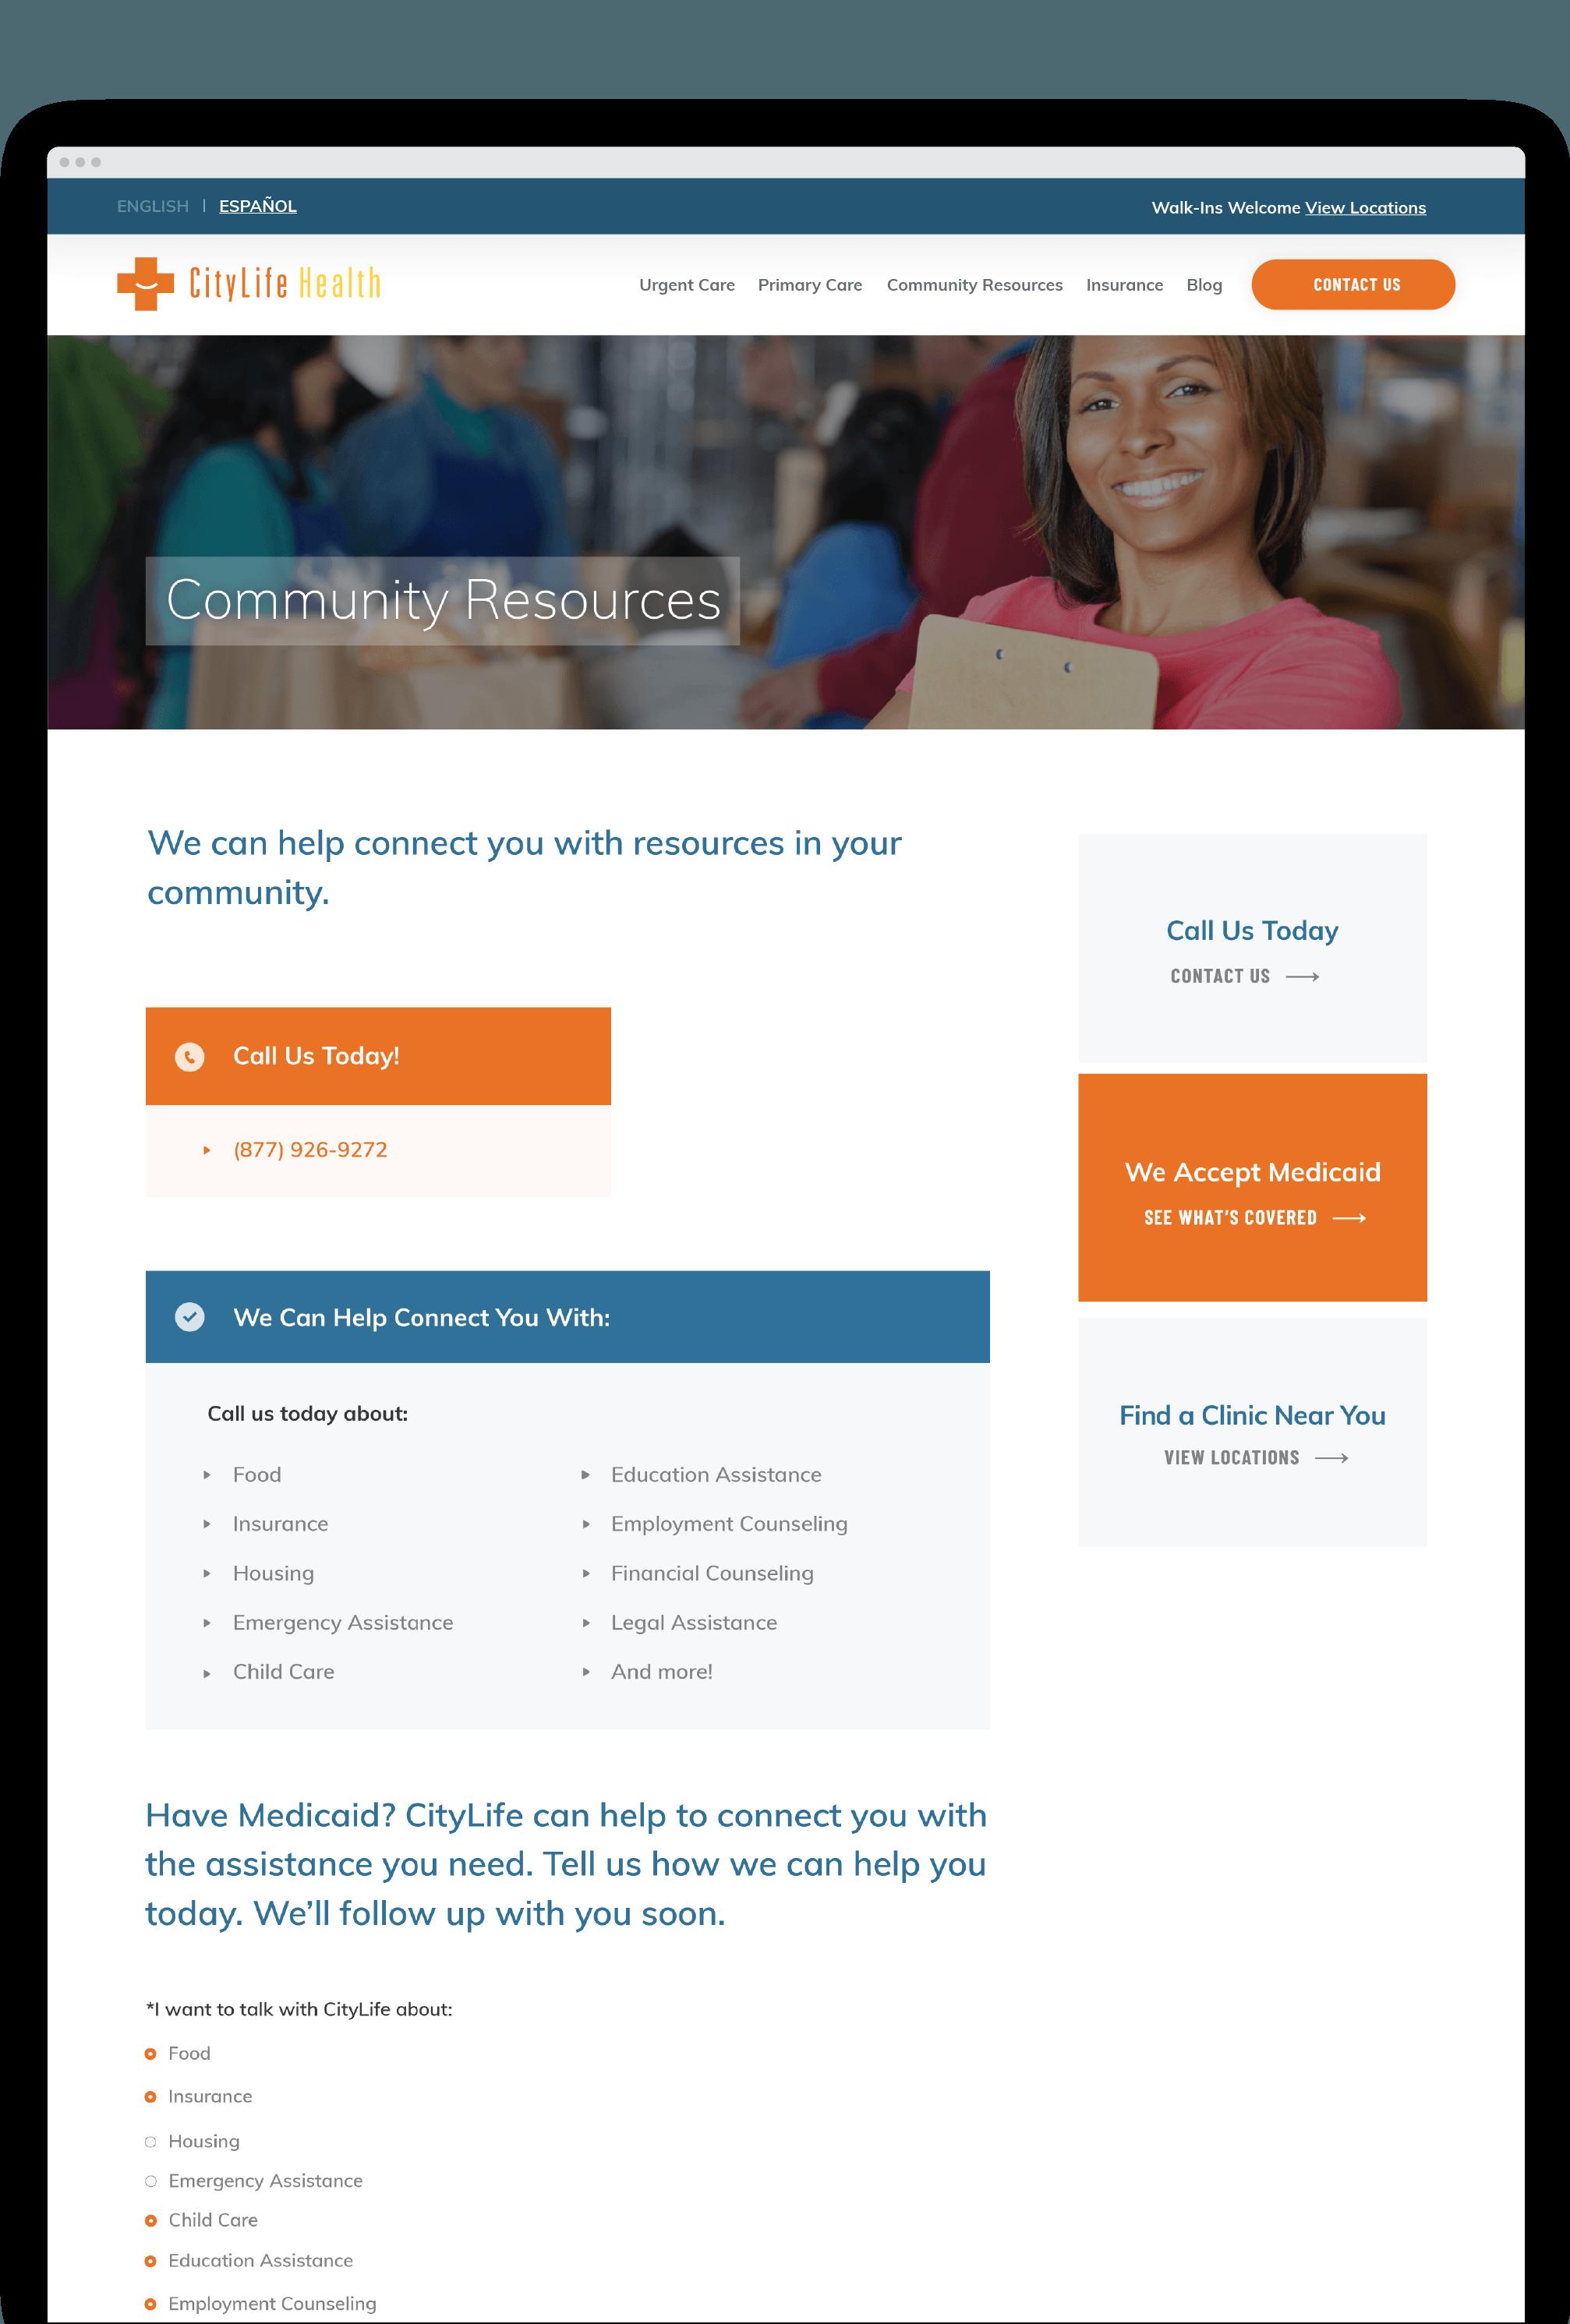 CityLife Health website